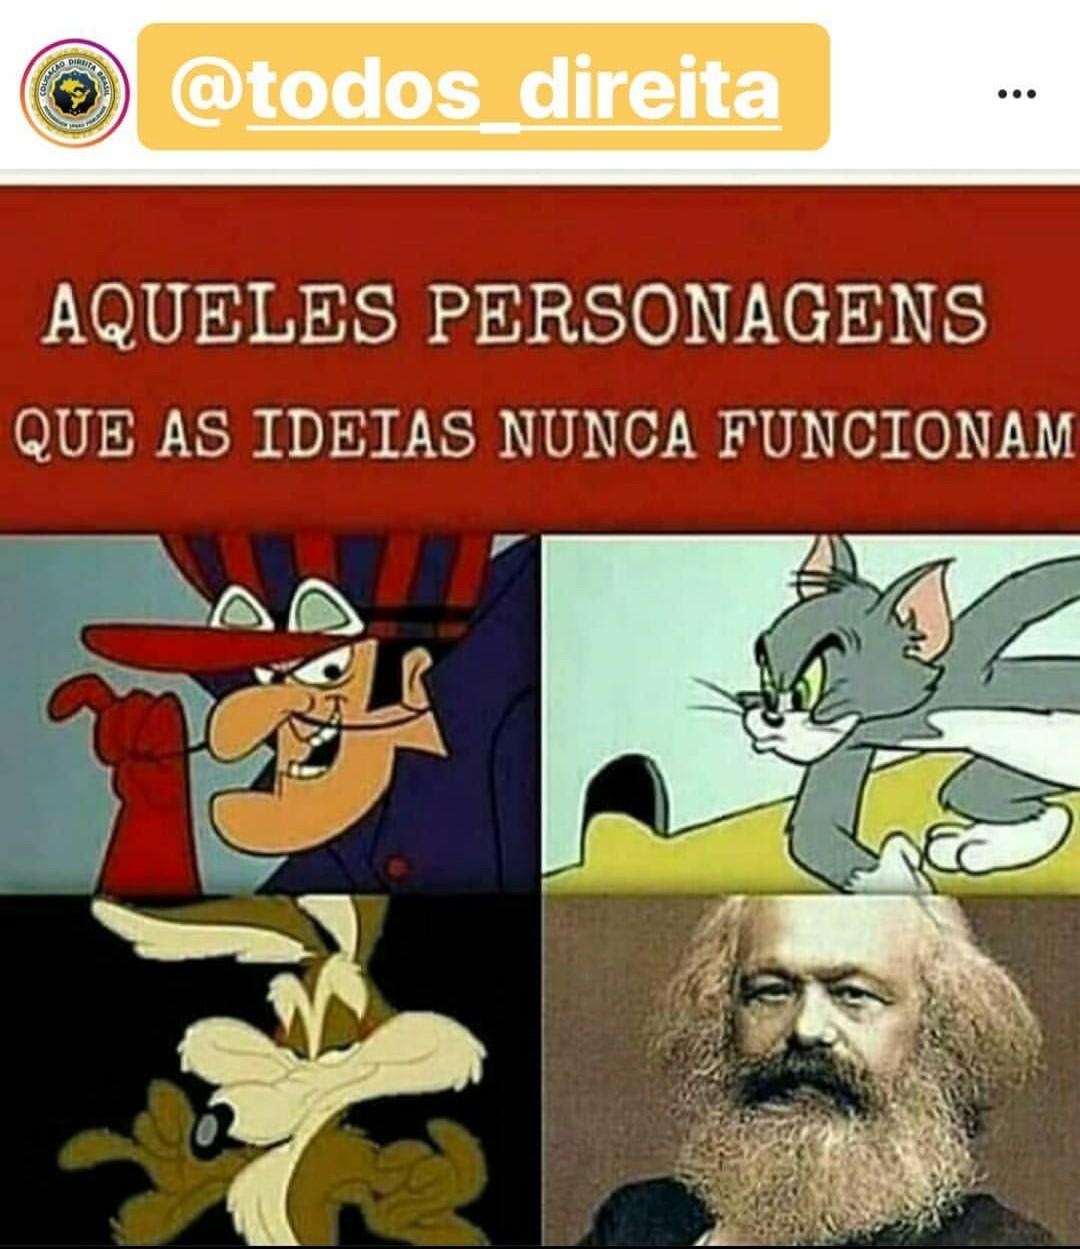 Maldito marxismo cultural - meme